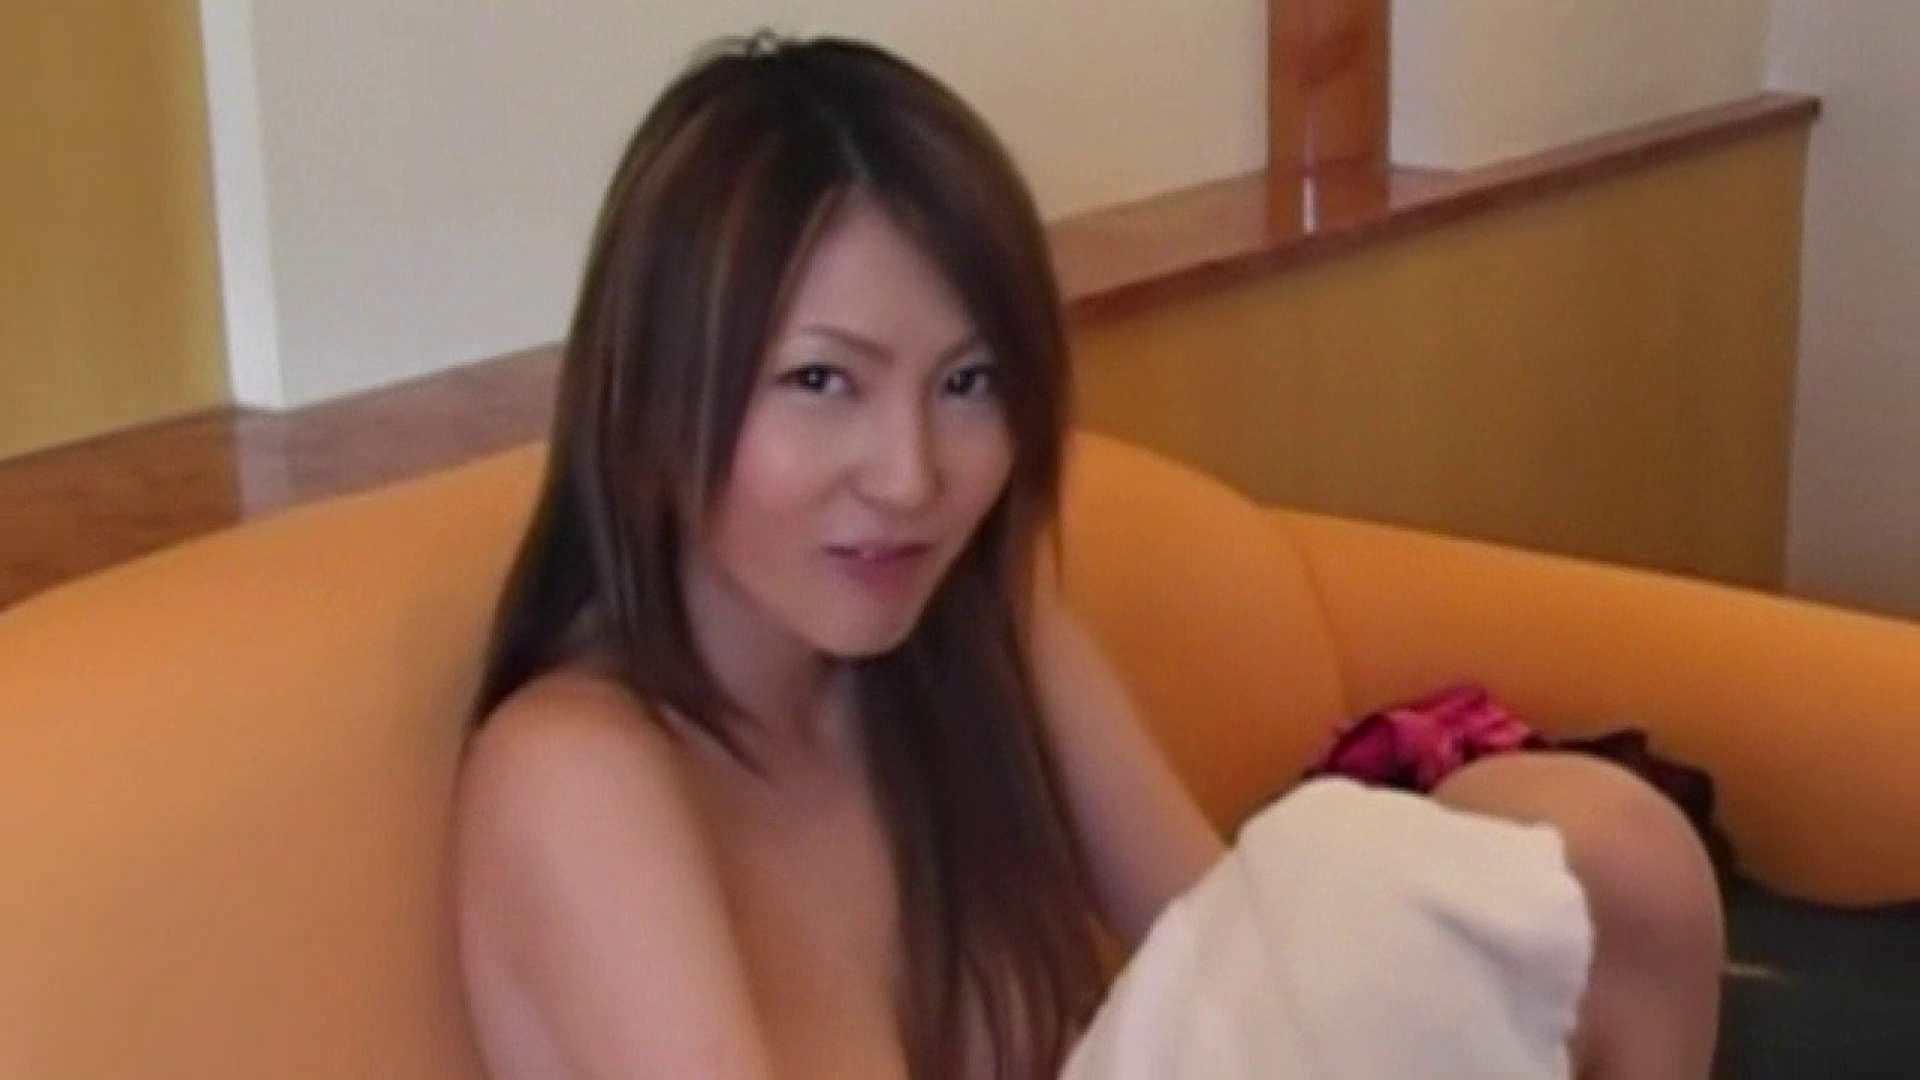 美女だらけのプライベートSEXvol.16後編 プライベート映像 オマンコ無修正動画無料 57pic 4